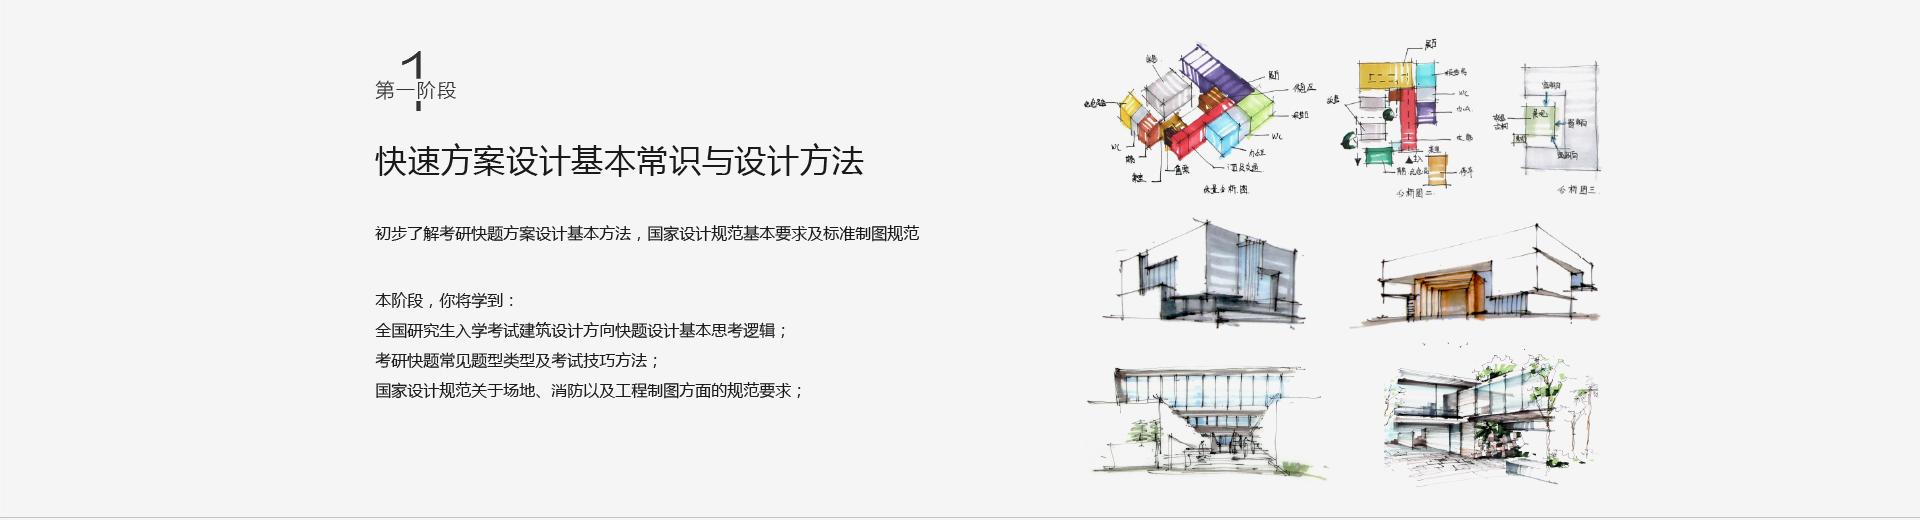 建筑快题_05.jpg